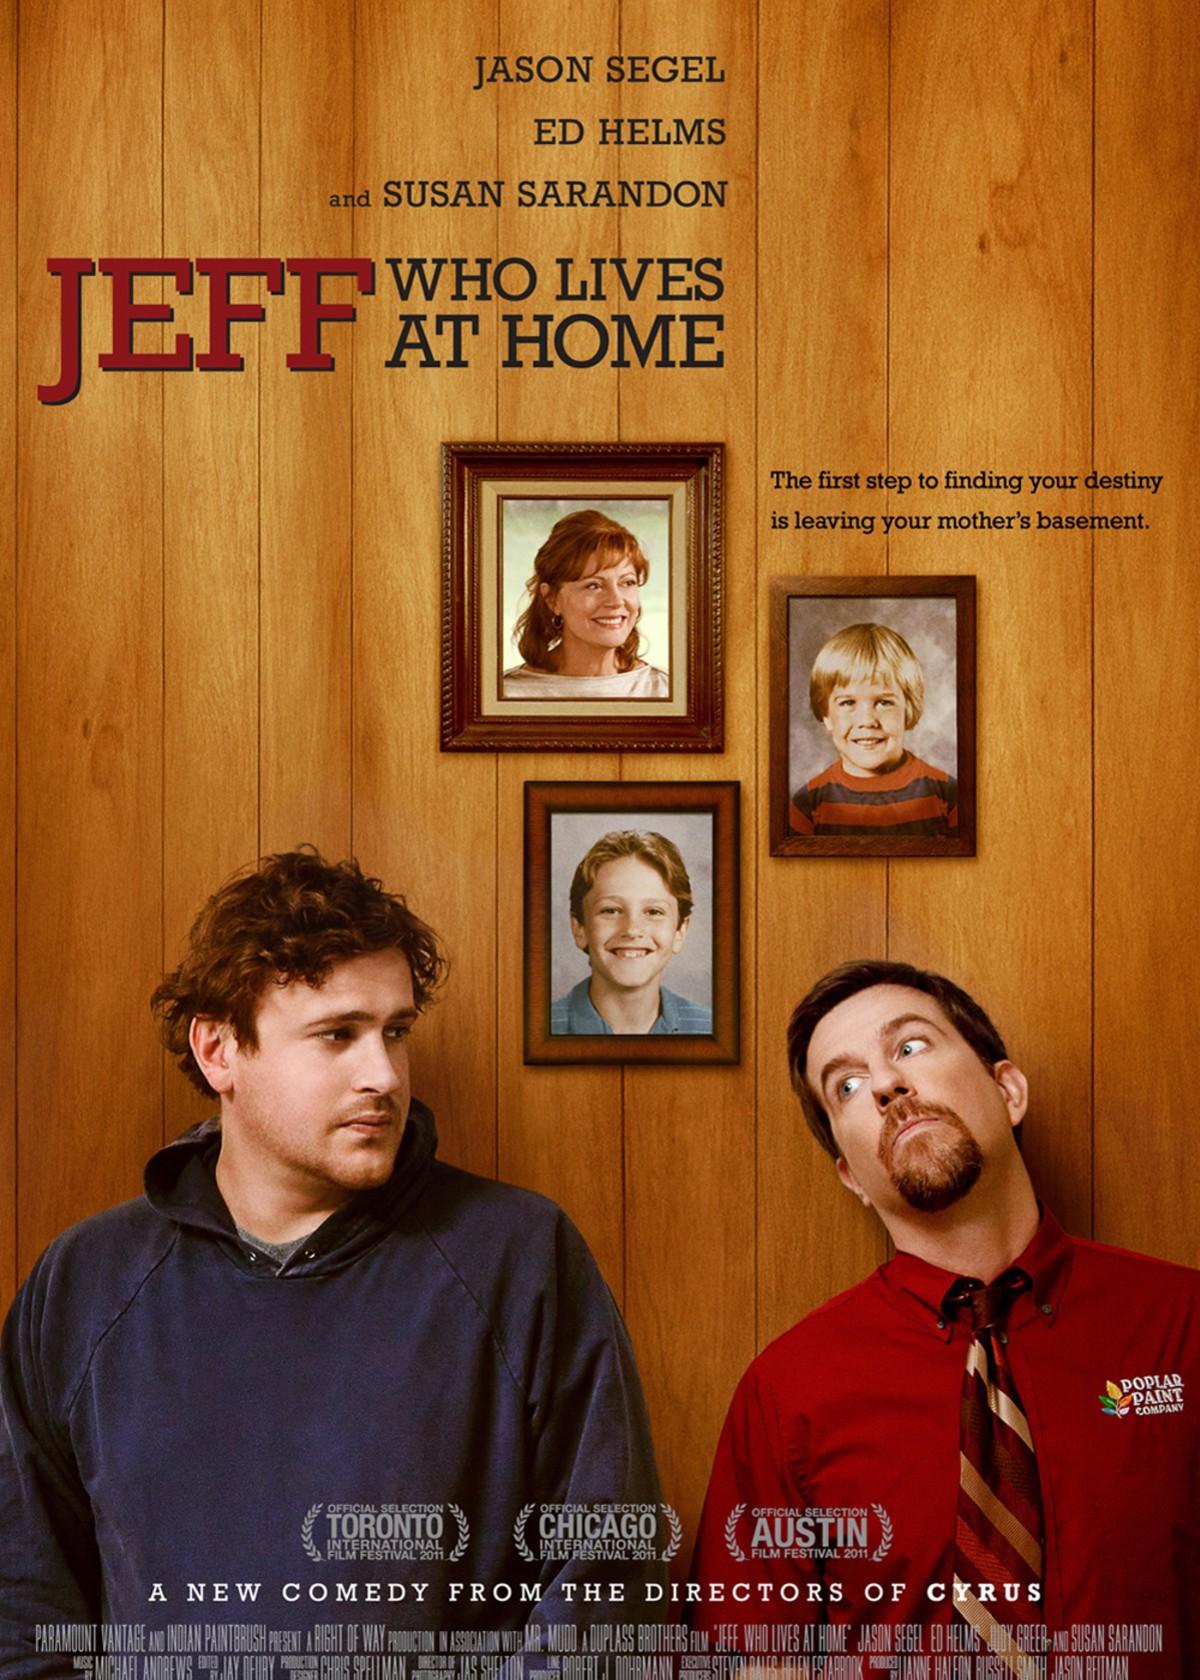 住在家里的杰夫